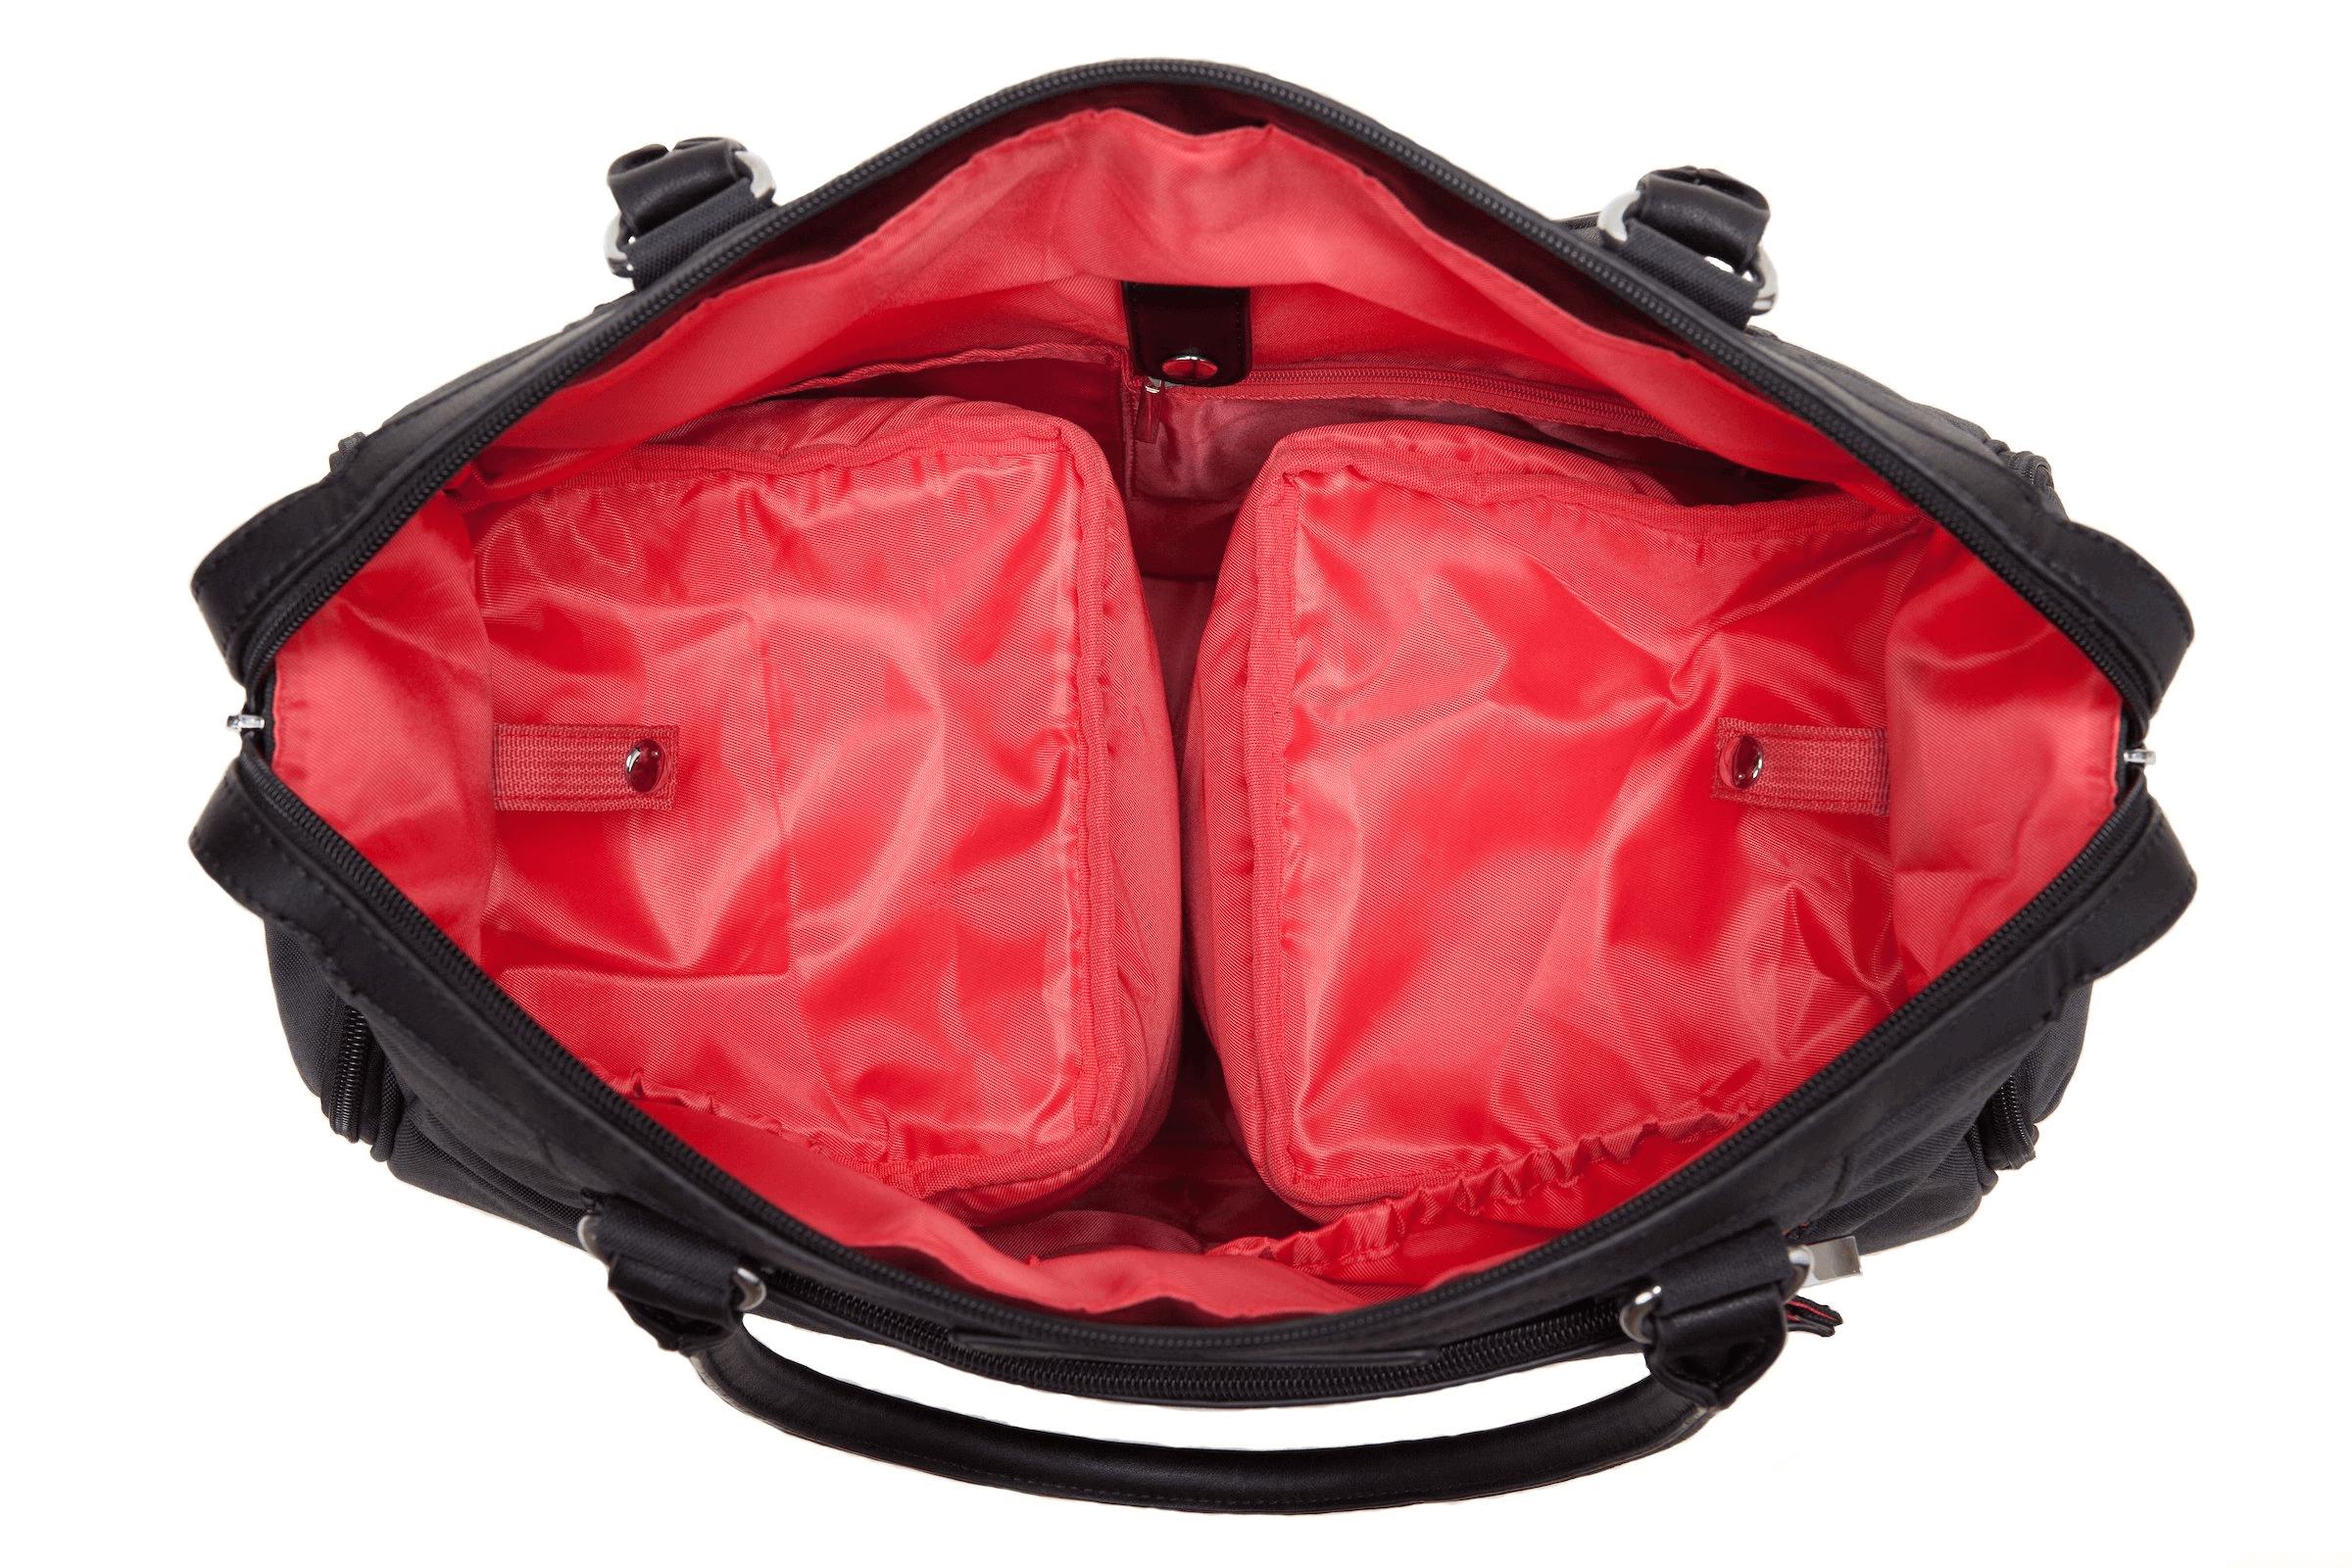 Sarah Wells Claire Black T Pump Bag